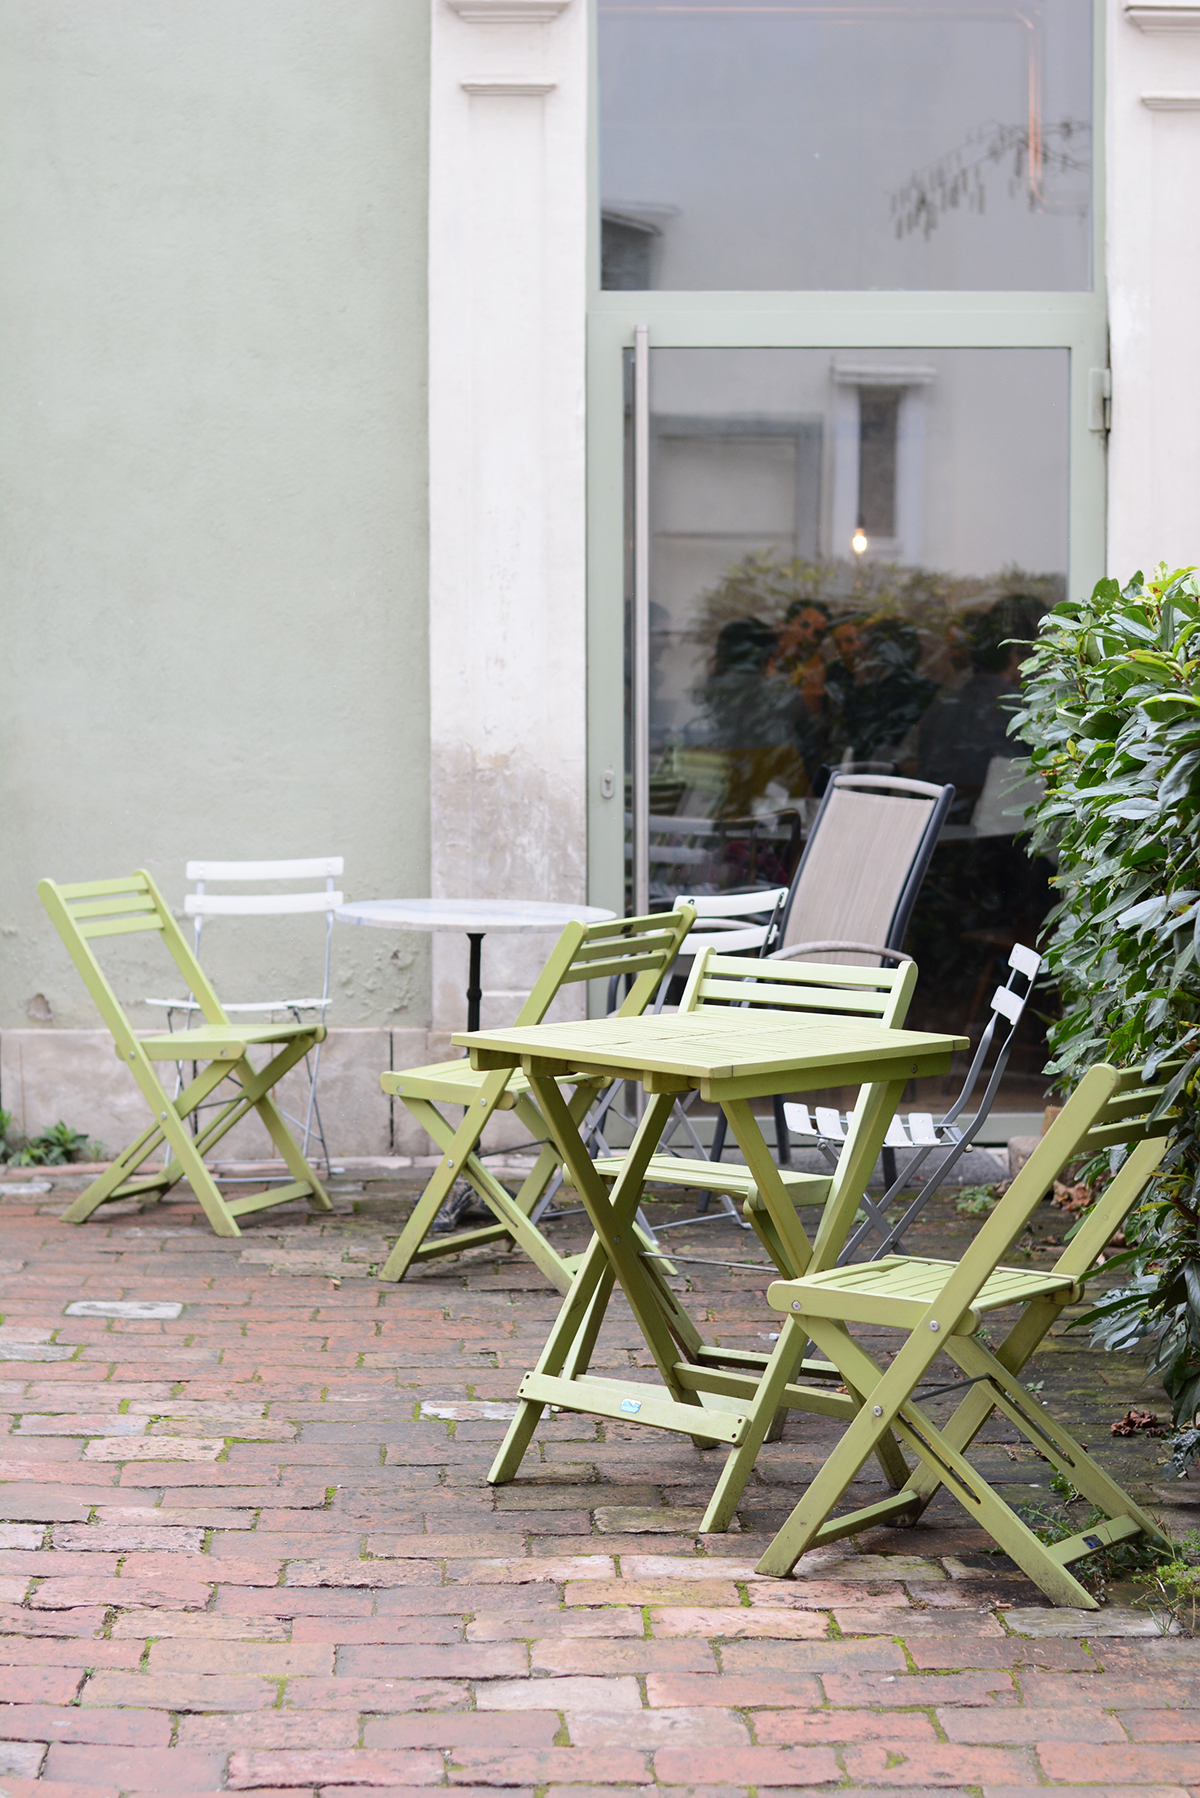 Die Turnhalle in Wien im Brick-5 | Pixi mit Milch